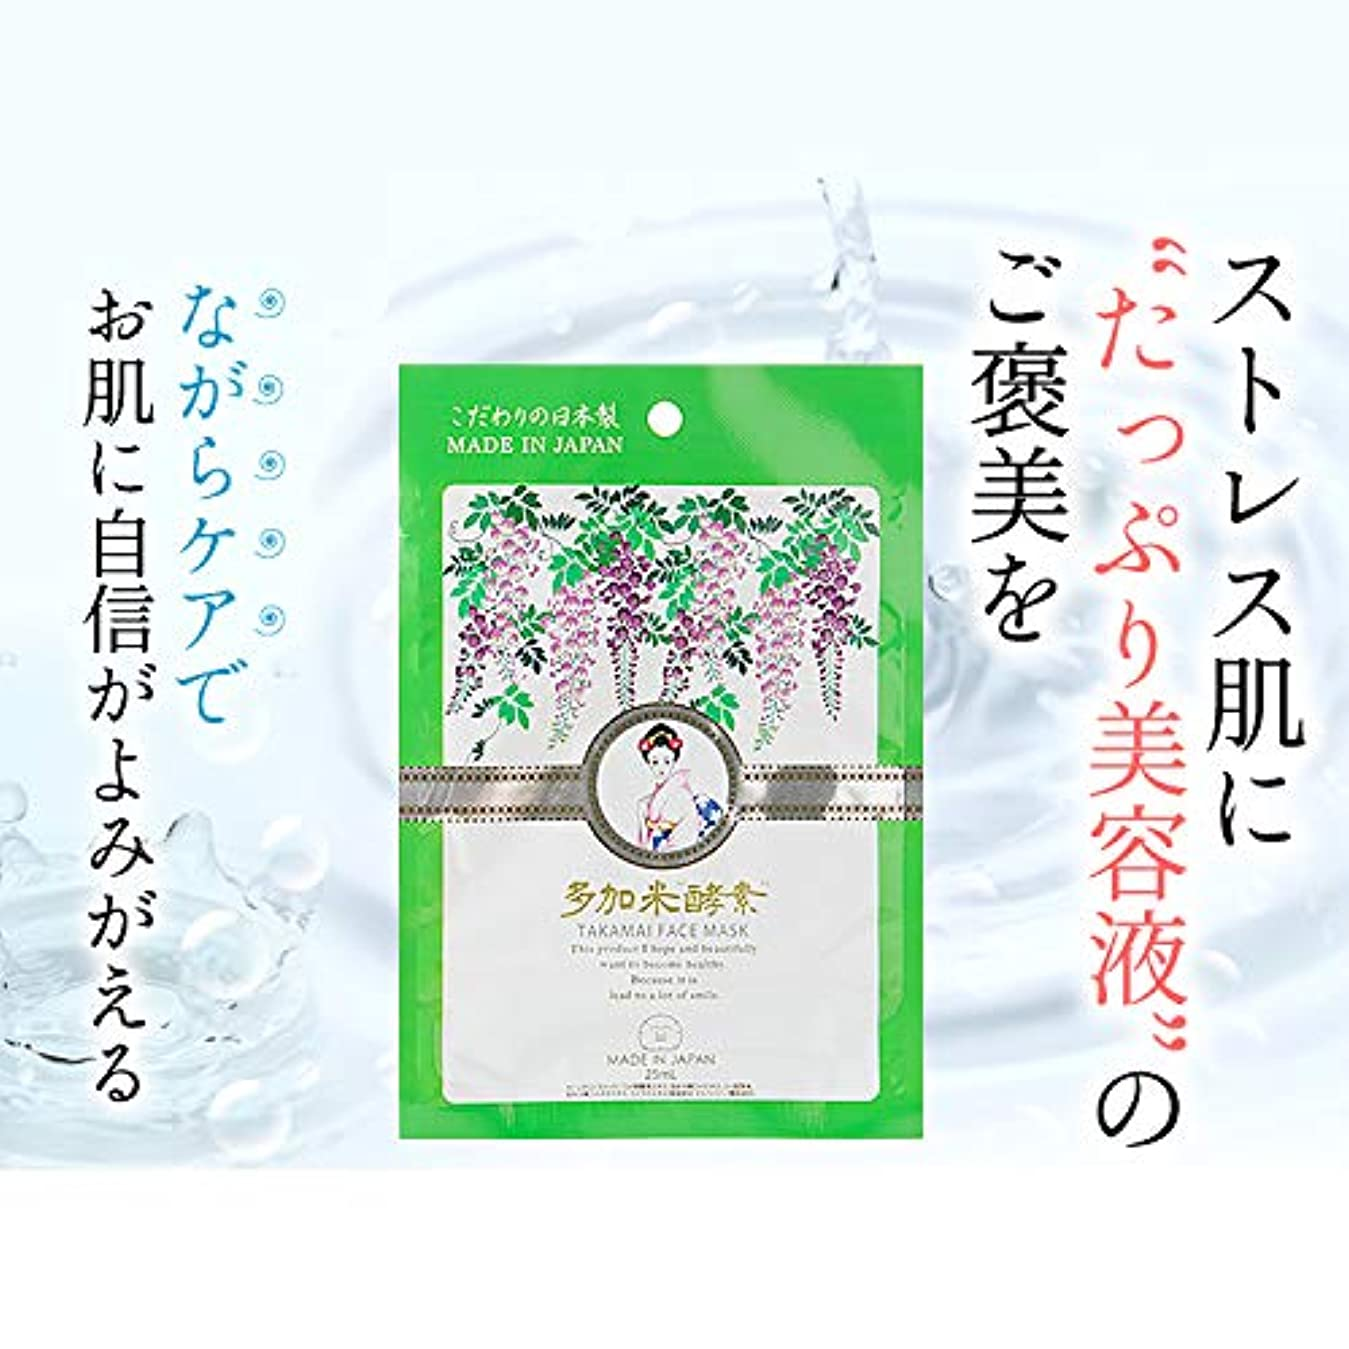 メールを書く手を差し伸べる雪多加米酵素フェイスマスク シートマスク フェイスマスク 保湿マスク 美容液 25ml 10枚セット